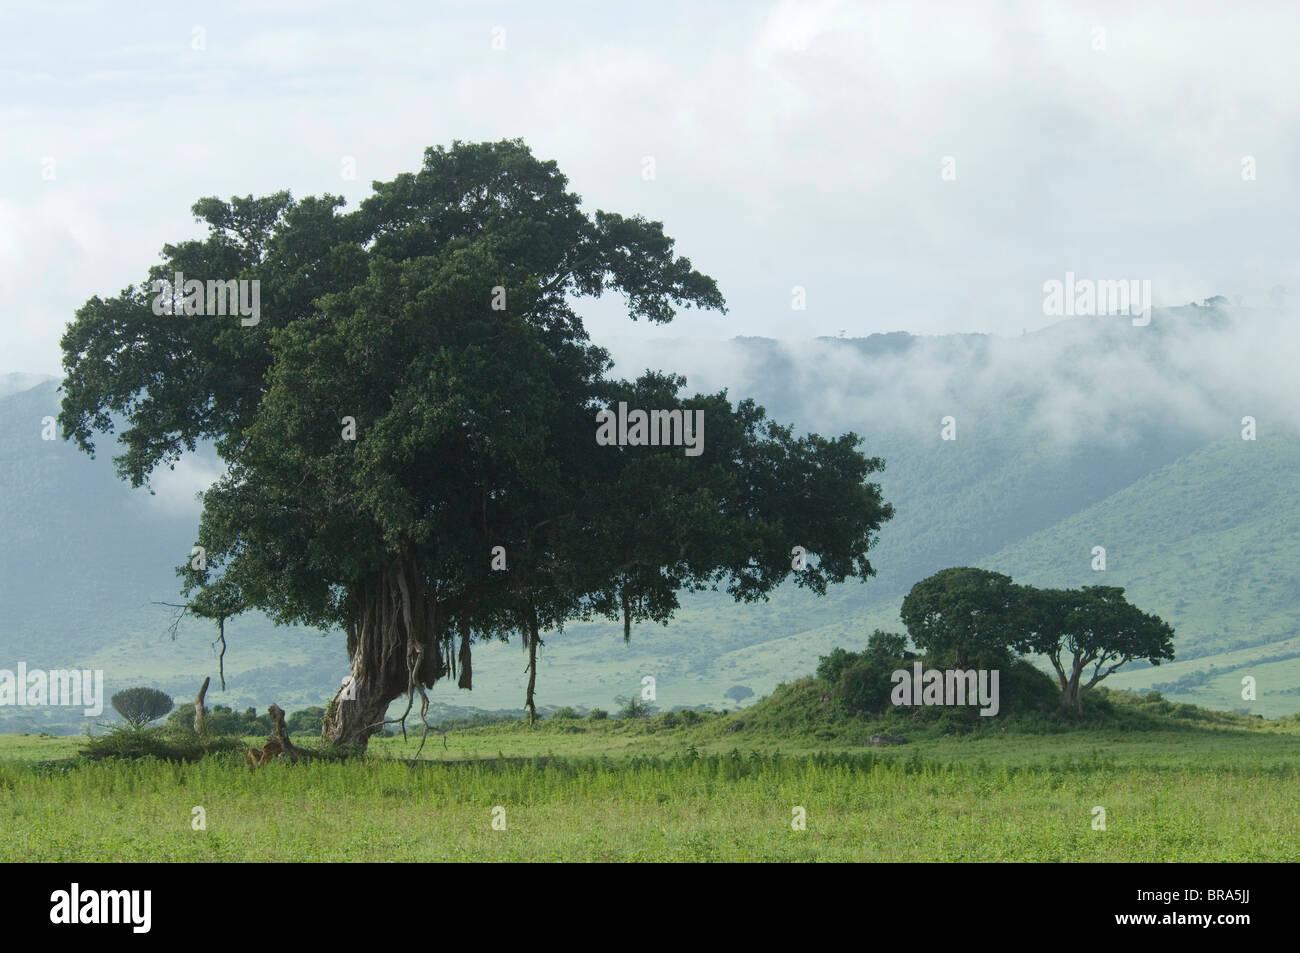 Paysage arbres nuages brumeux Ngorongoro Crater TANZANIE AFRIQUE Photo Stock